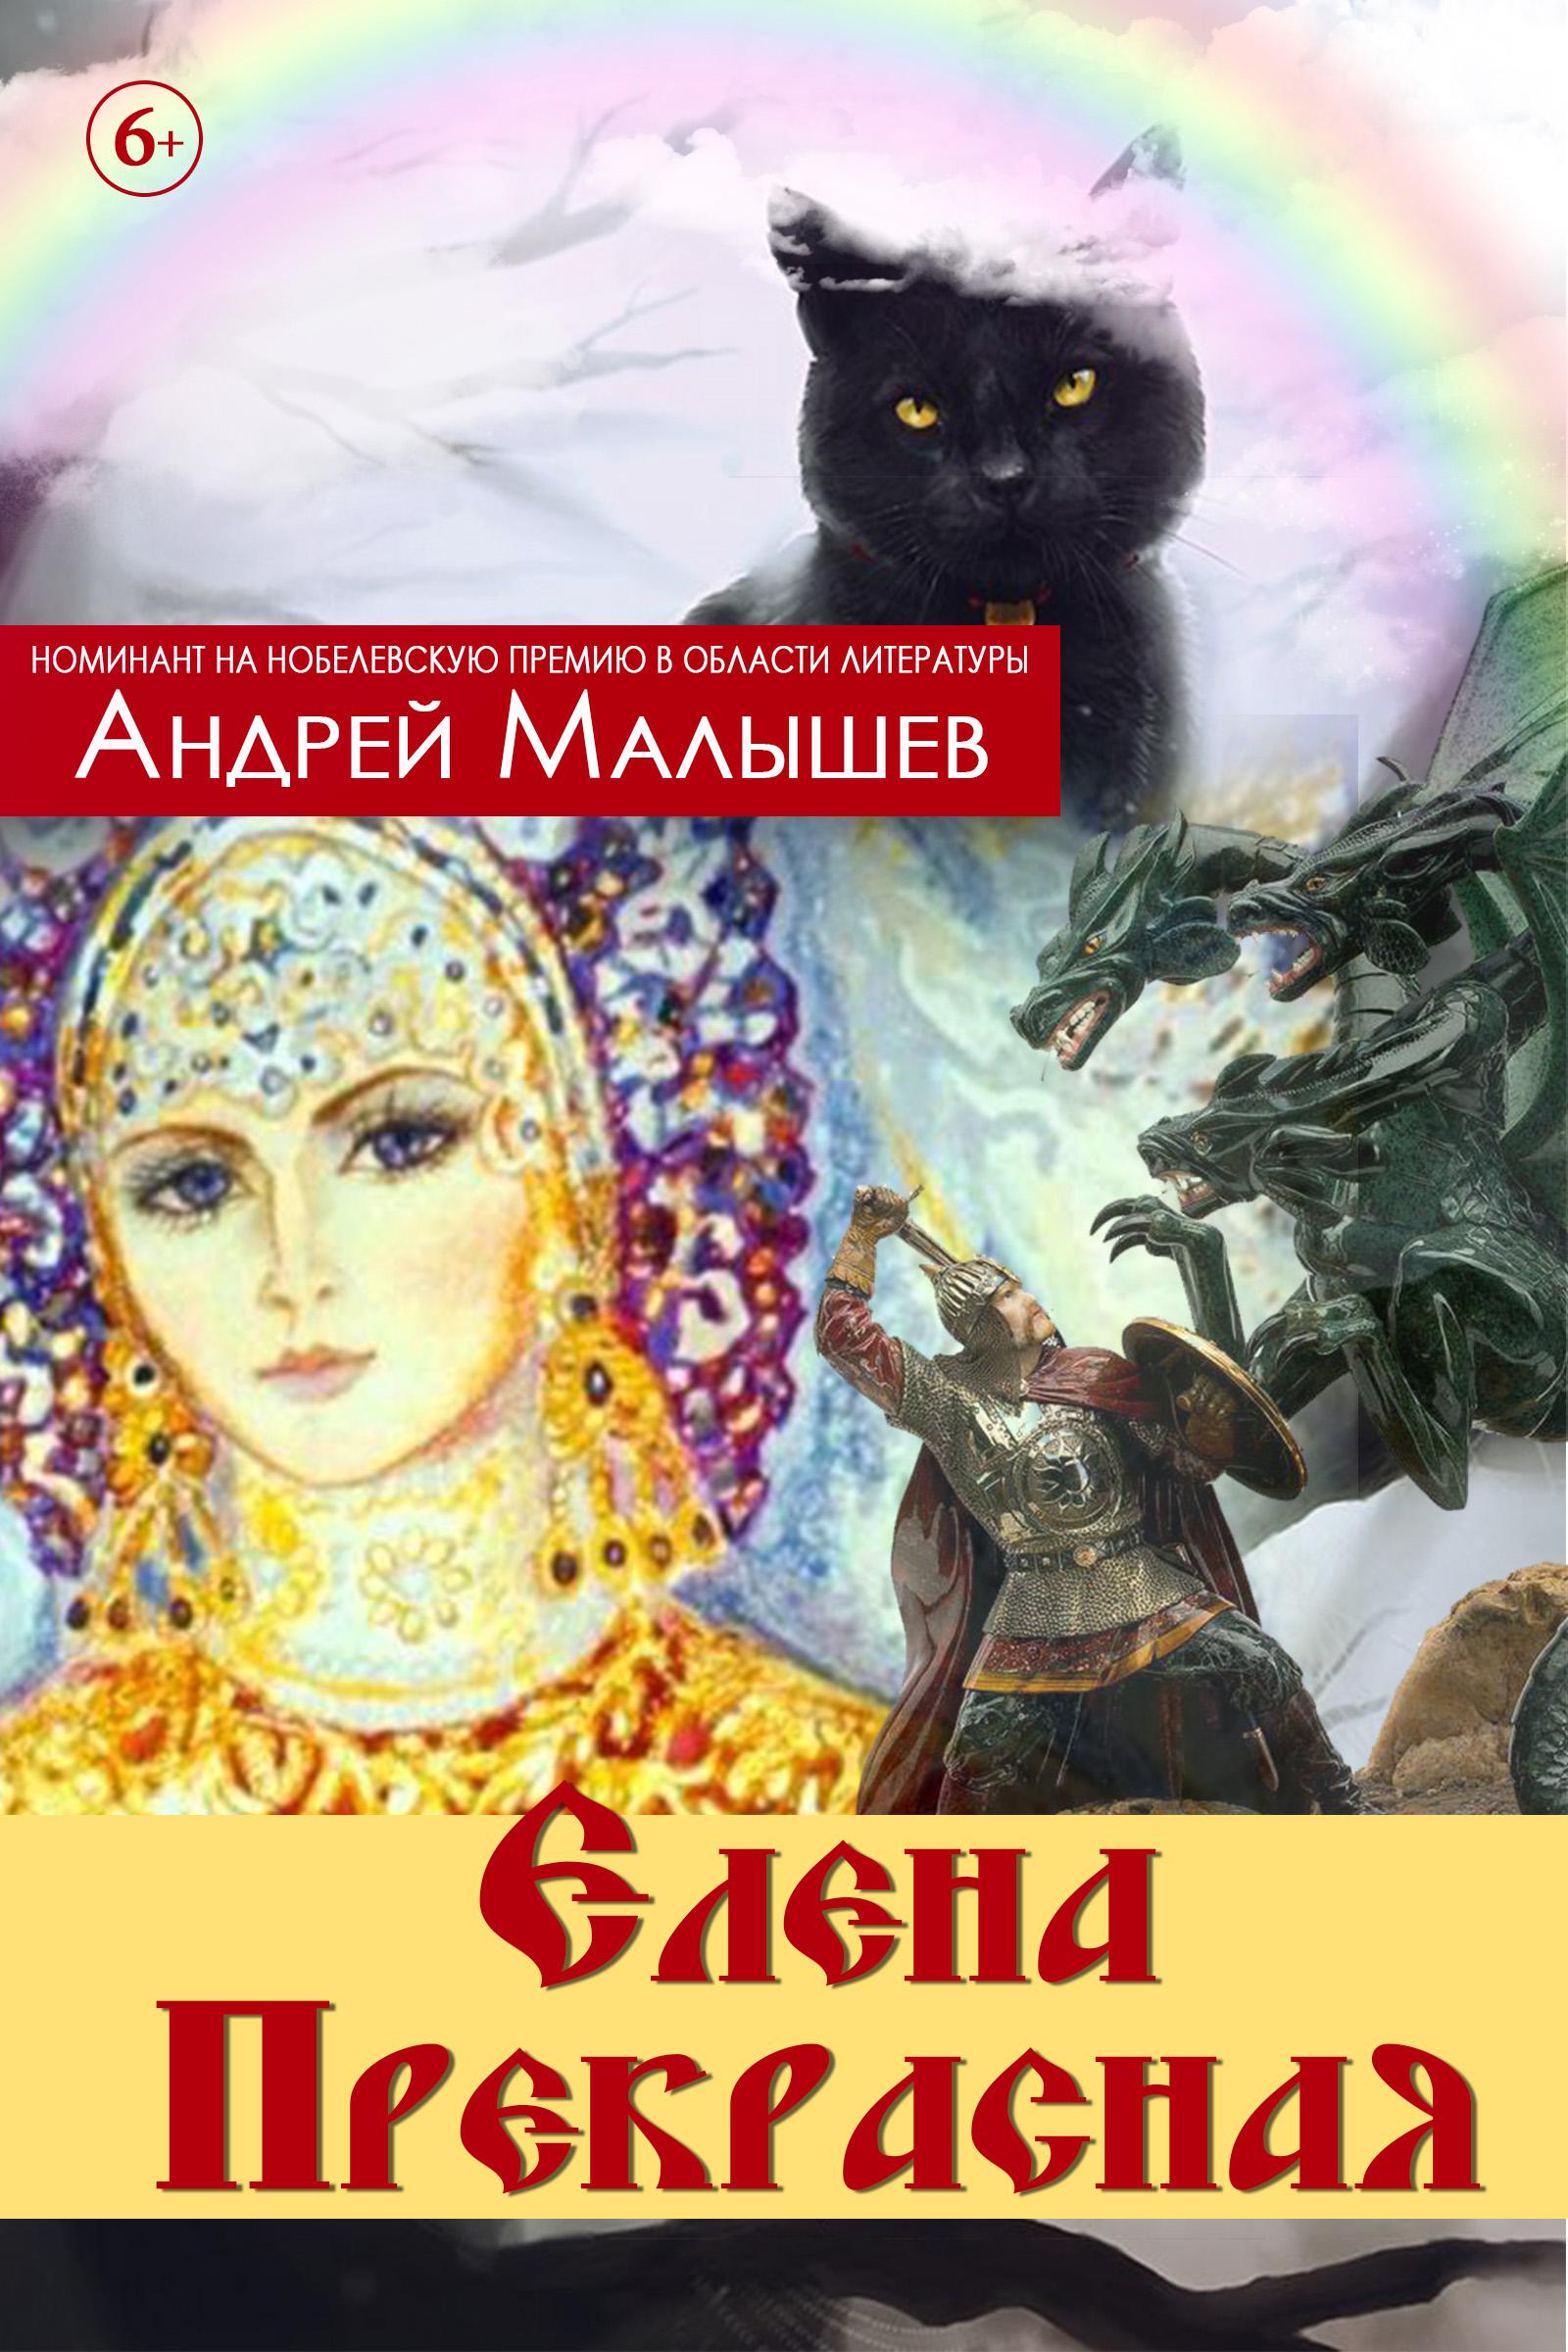 Андрей Малышев «Елена Прекрасная (сборник)»